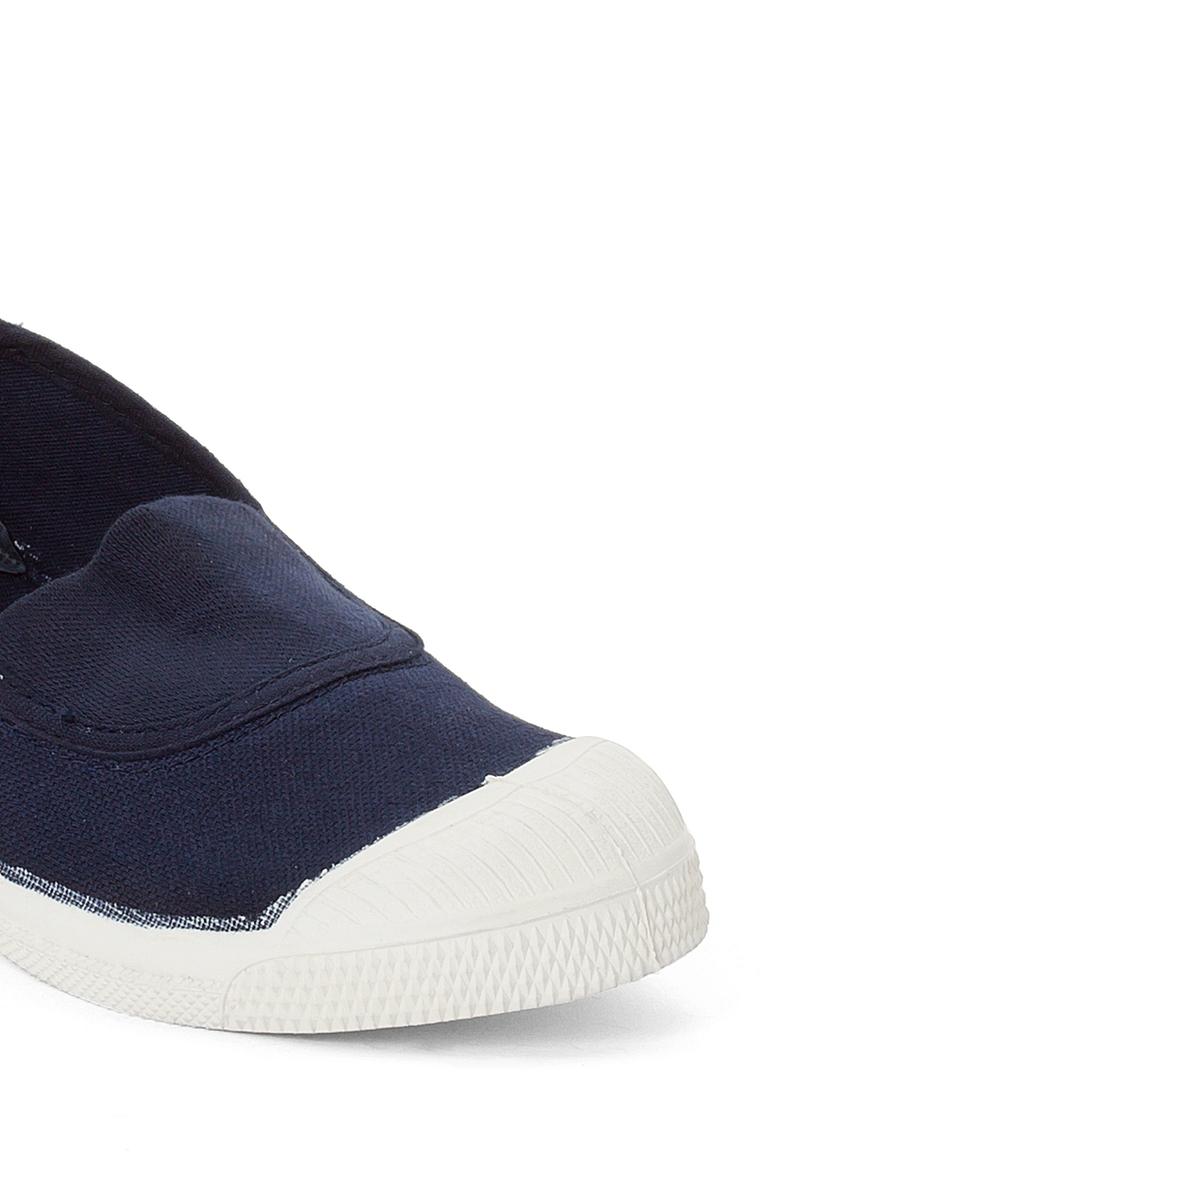 Кеды  ElastiqueОписание:Детали •  Спортивный стиль •  Плоский каблук •  Застежка : эластичная вставкаСостав и уход •  Верх 100% ткань •  Подкладка 100% текстиль •  Стелька 100% текстиль •  Подошва 100% каучук<br><br>Цвет: темно-синий<br>Размер: 35.34